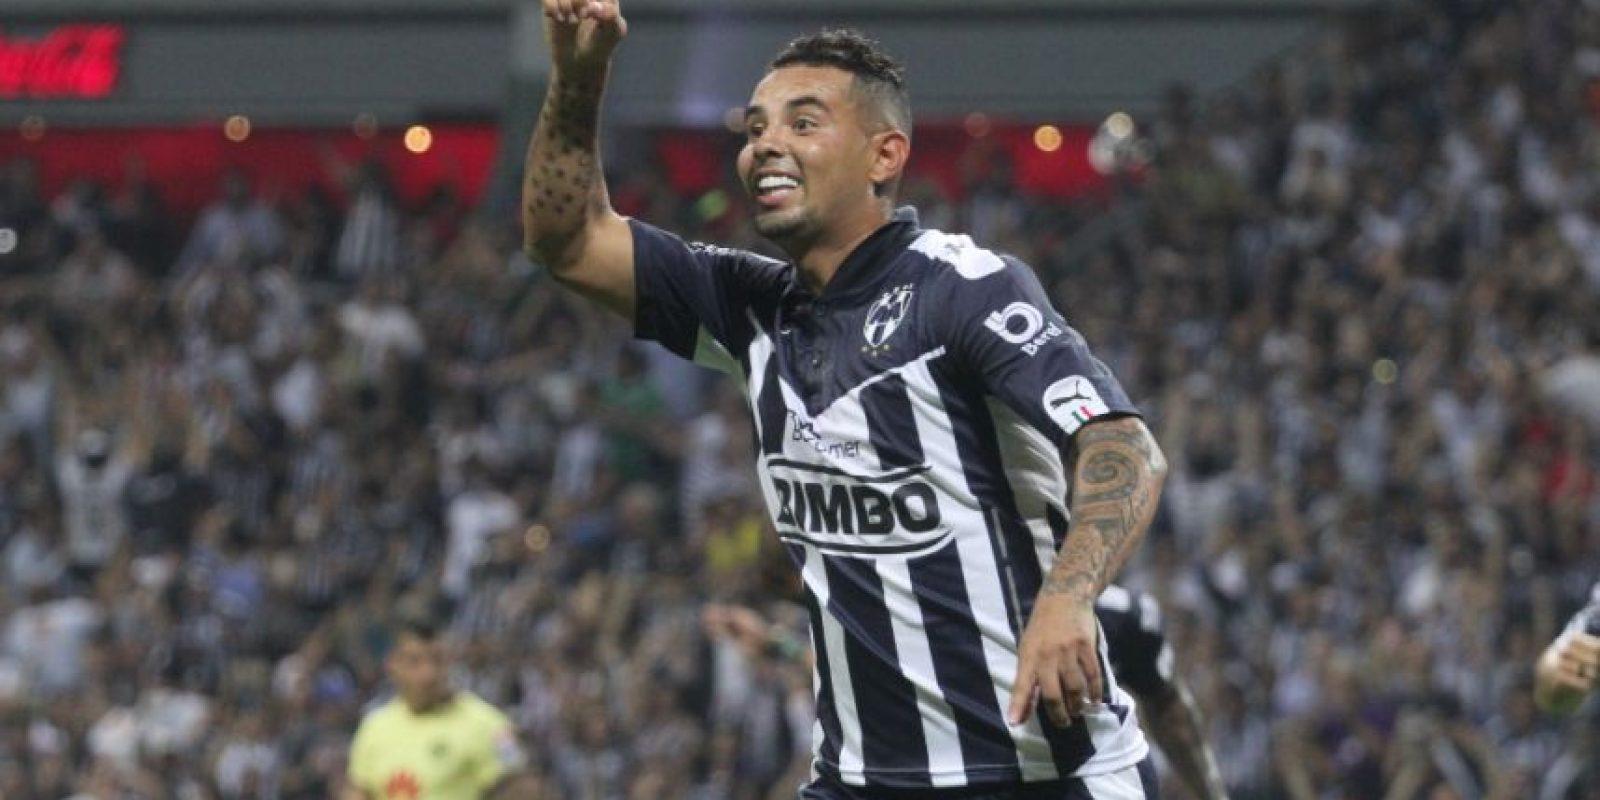 Cardona hizo dos goles, que le dieron el pase a la Final del torneo mexicano. Foto:Israel Salazar